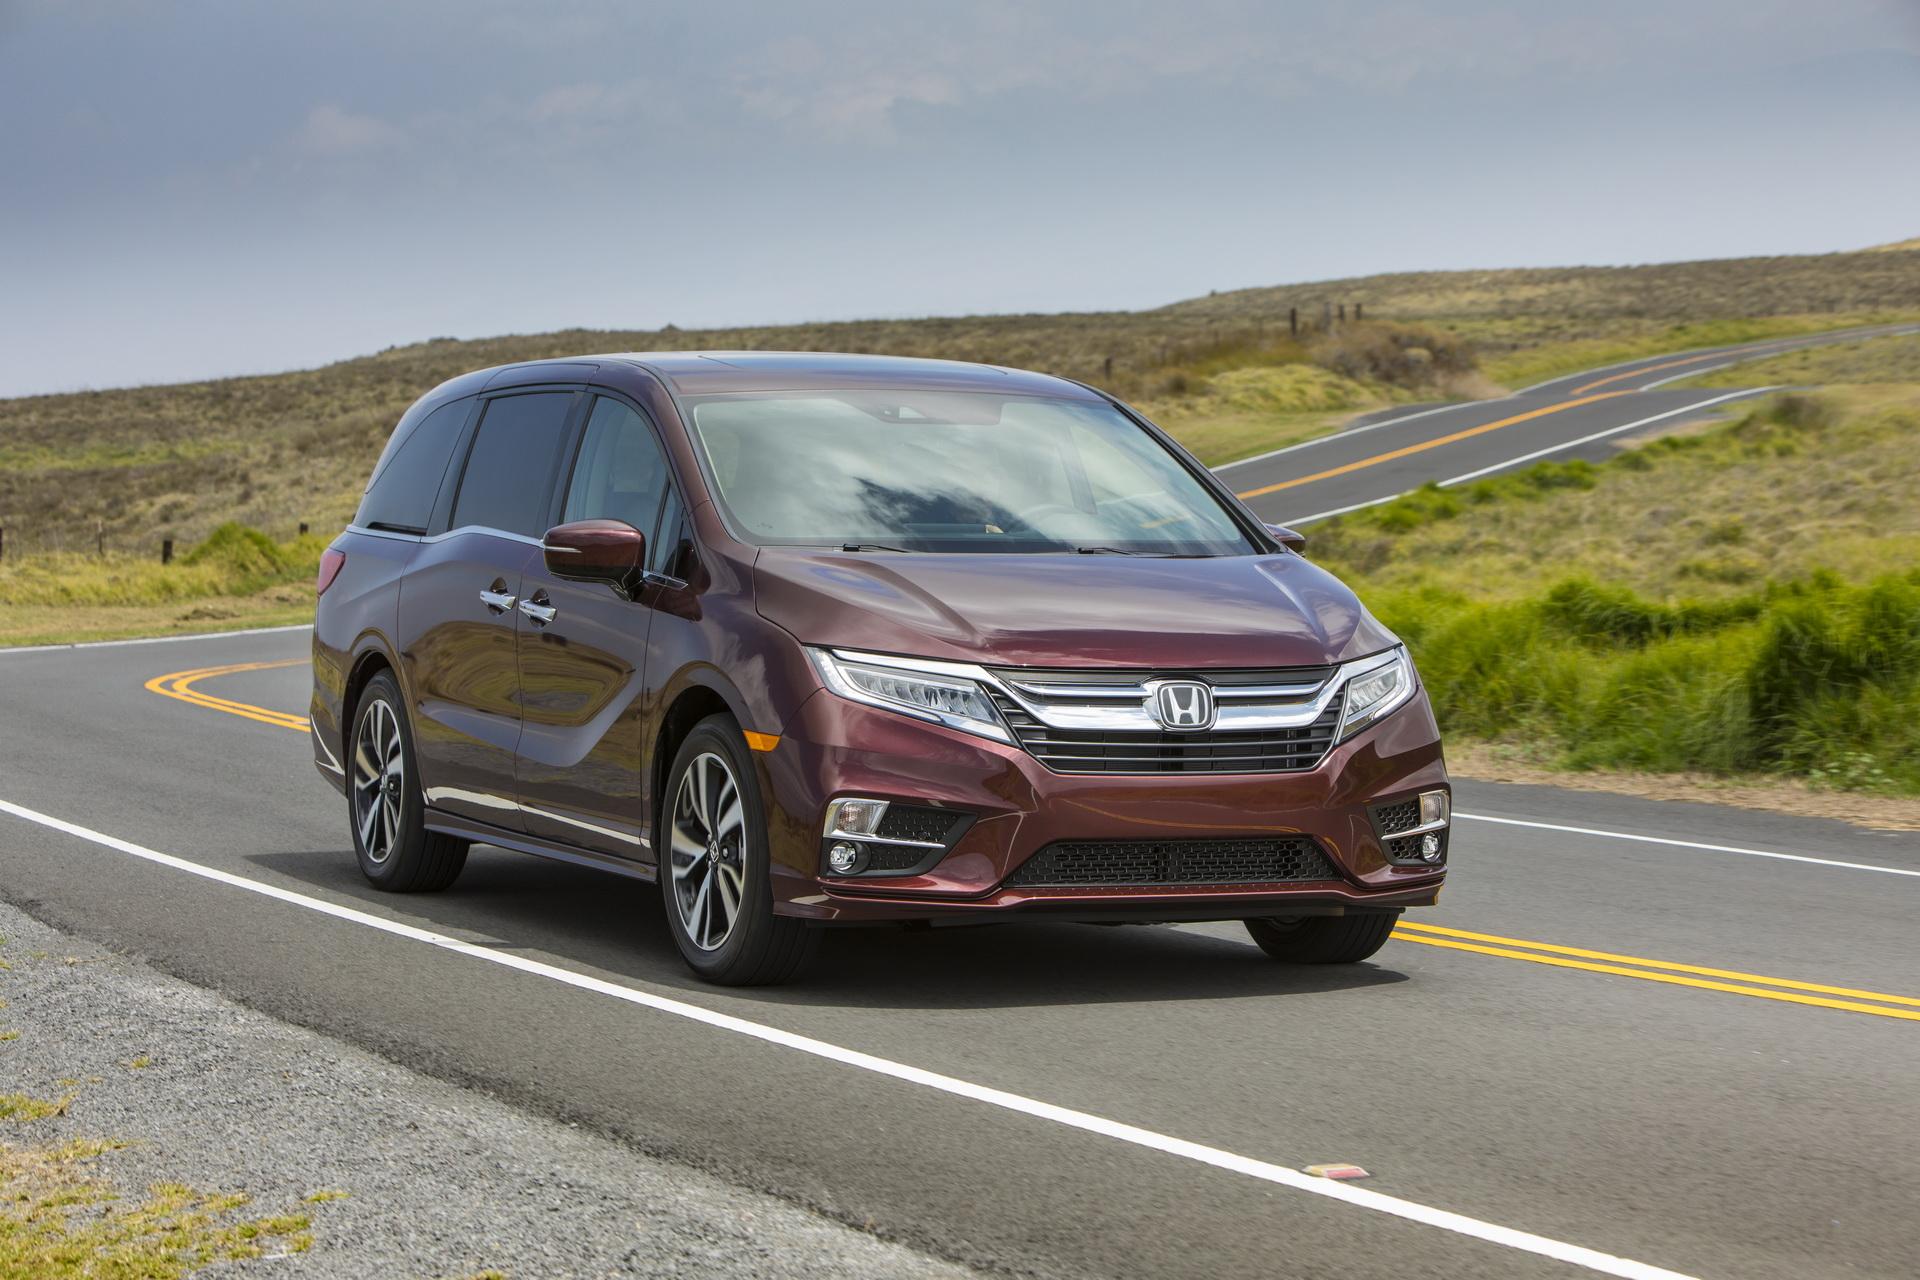 Honda Odyssey 2020 phiên bản đặc biệt nâng cấp - 27